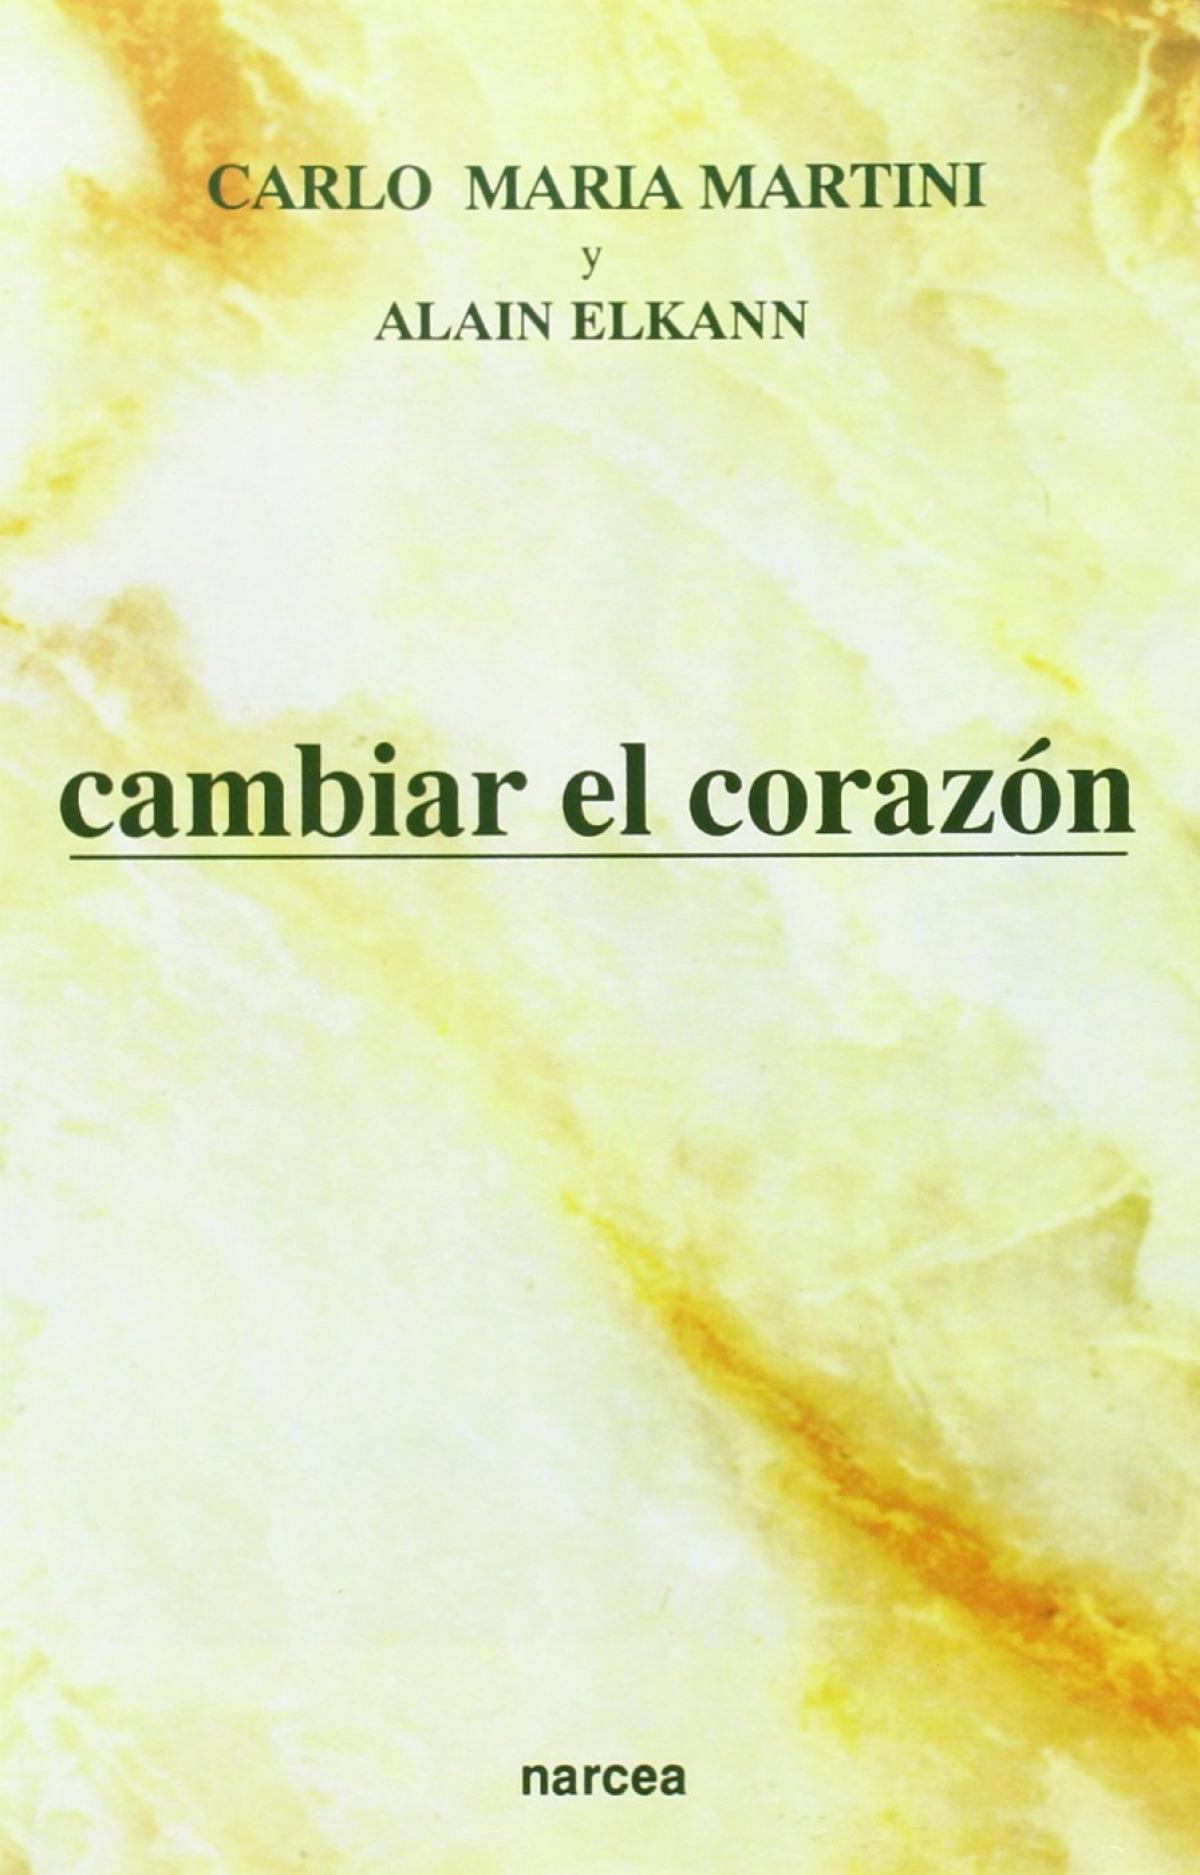 CAMBIAR EL CORAZON